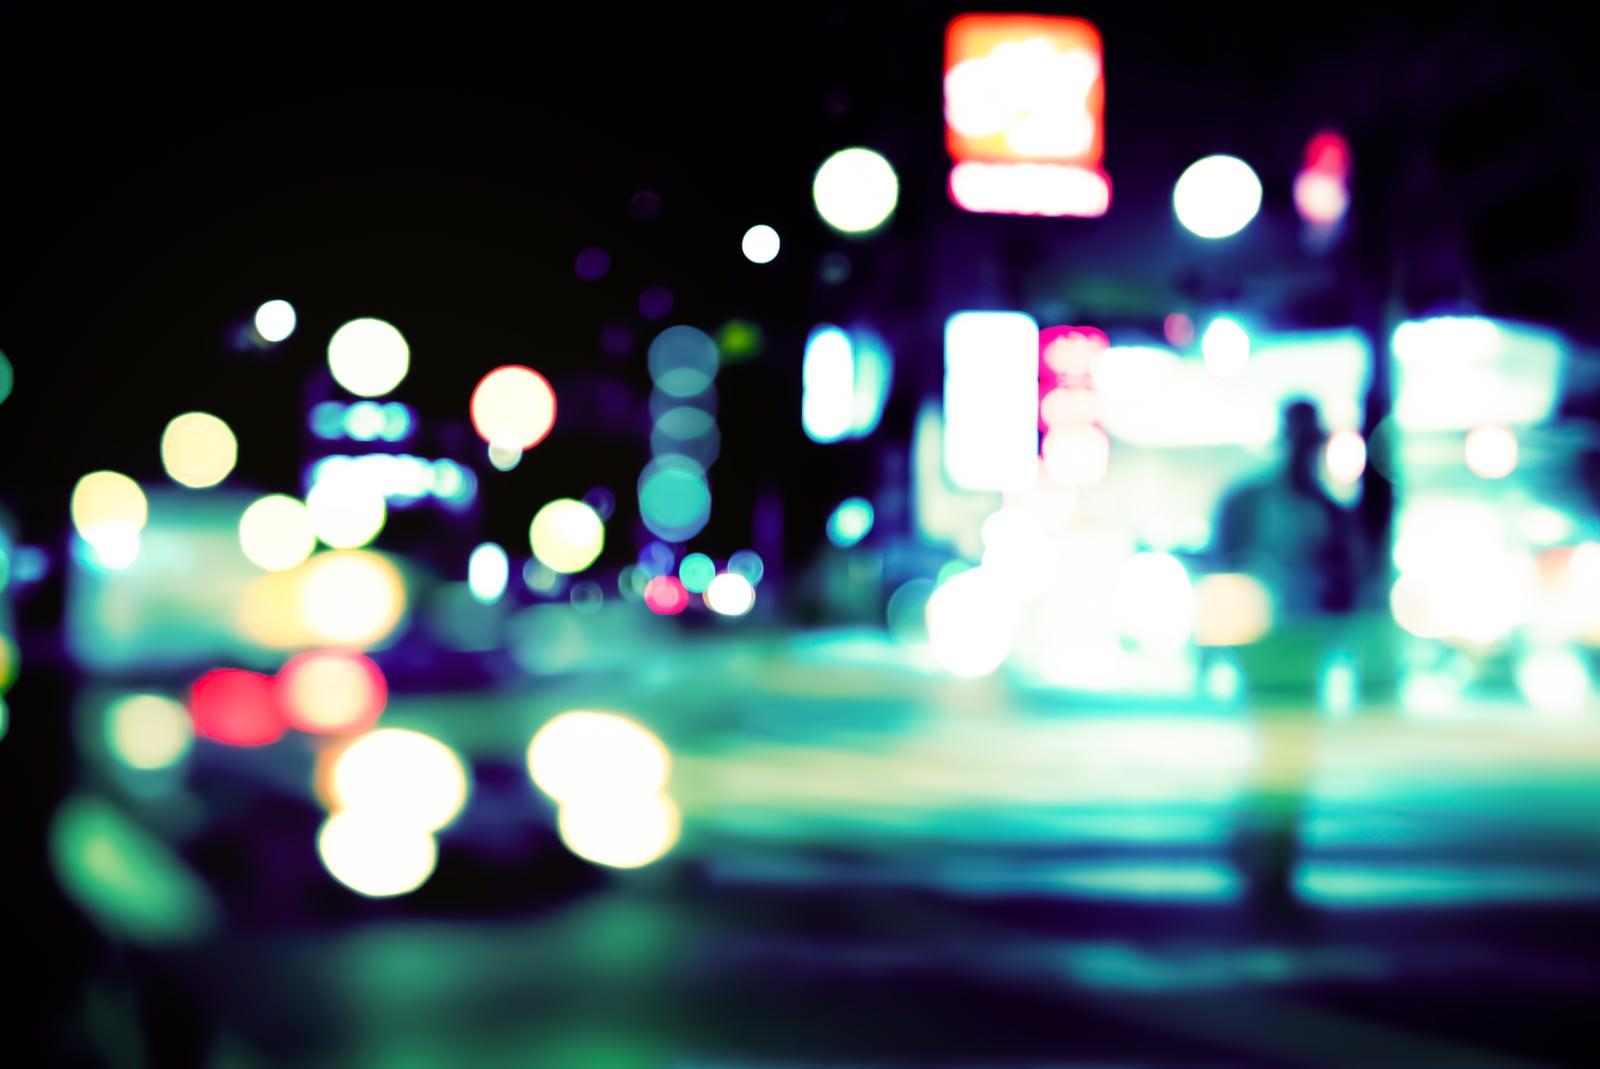 「夢の中で見た繁華街」の写真